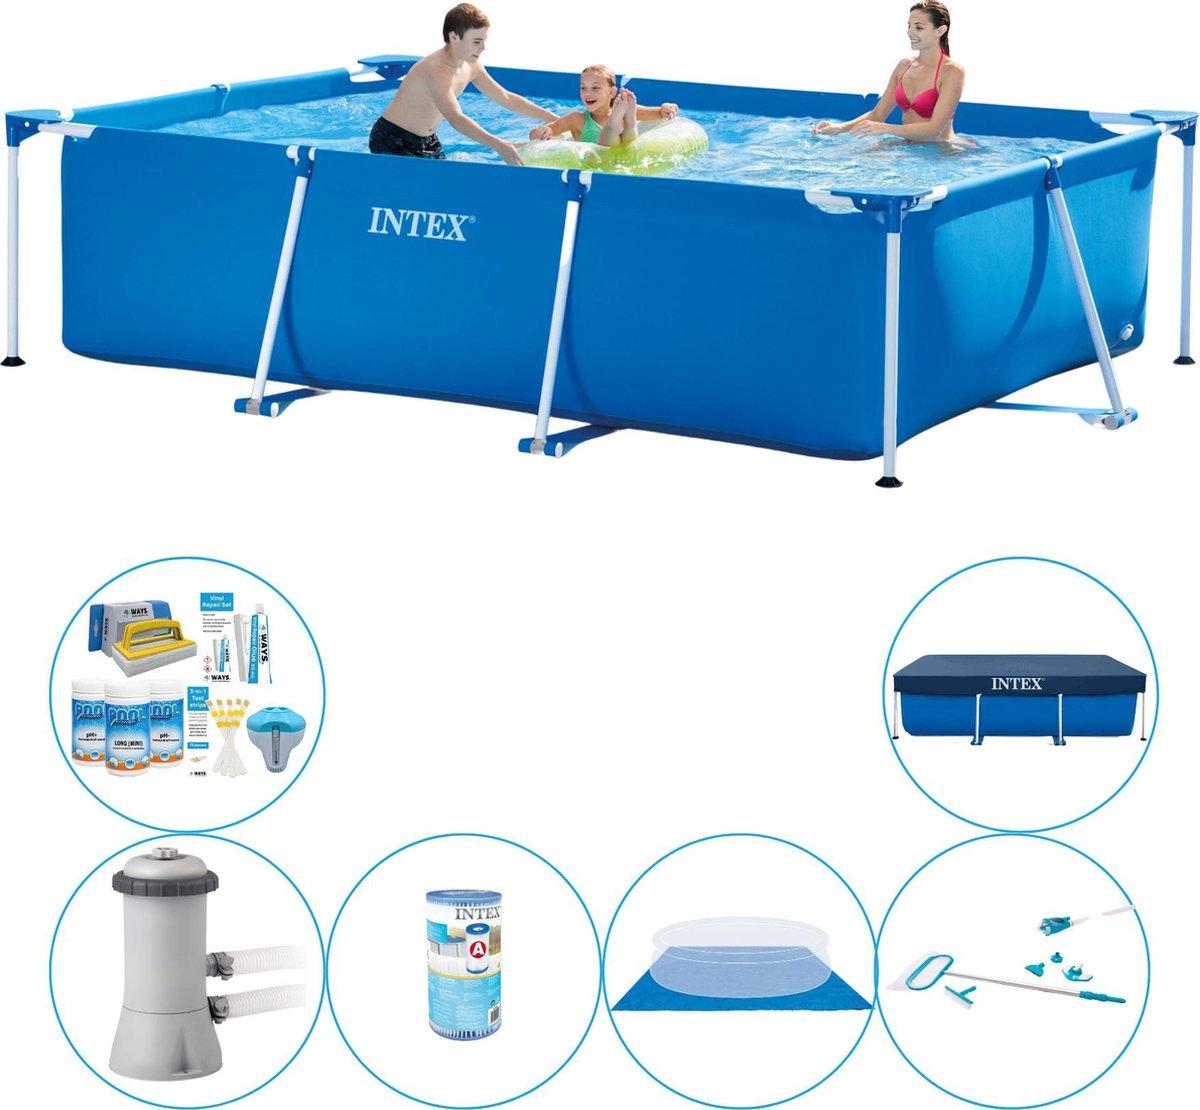 Intex Frame Pool Rechthoekig 300x200x75 cm - Zwembad Met Accessoires